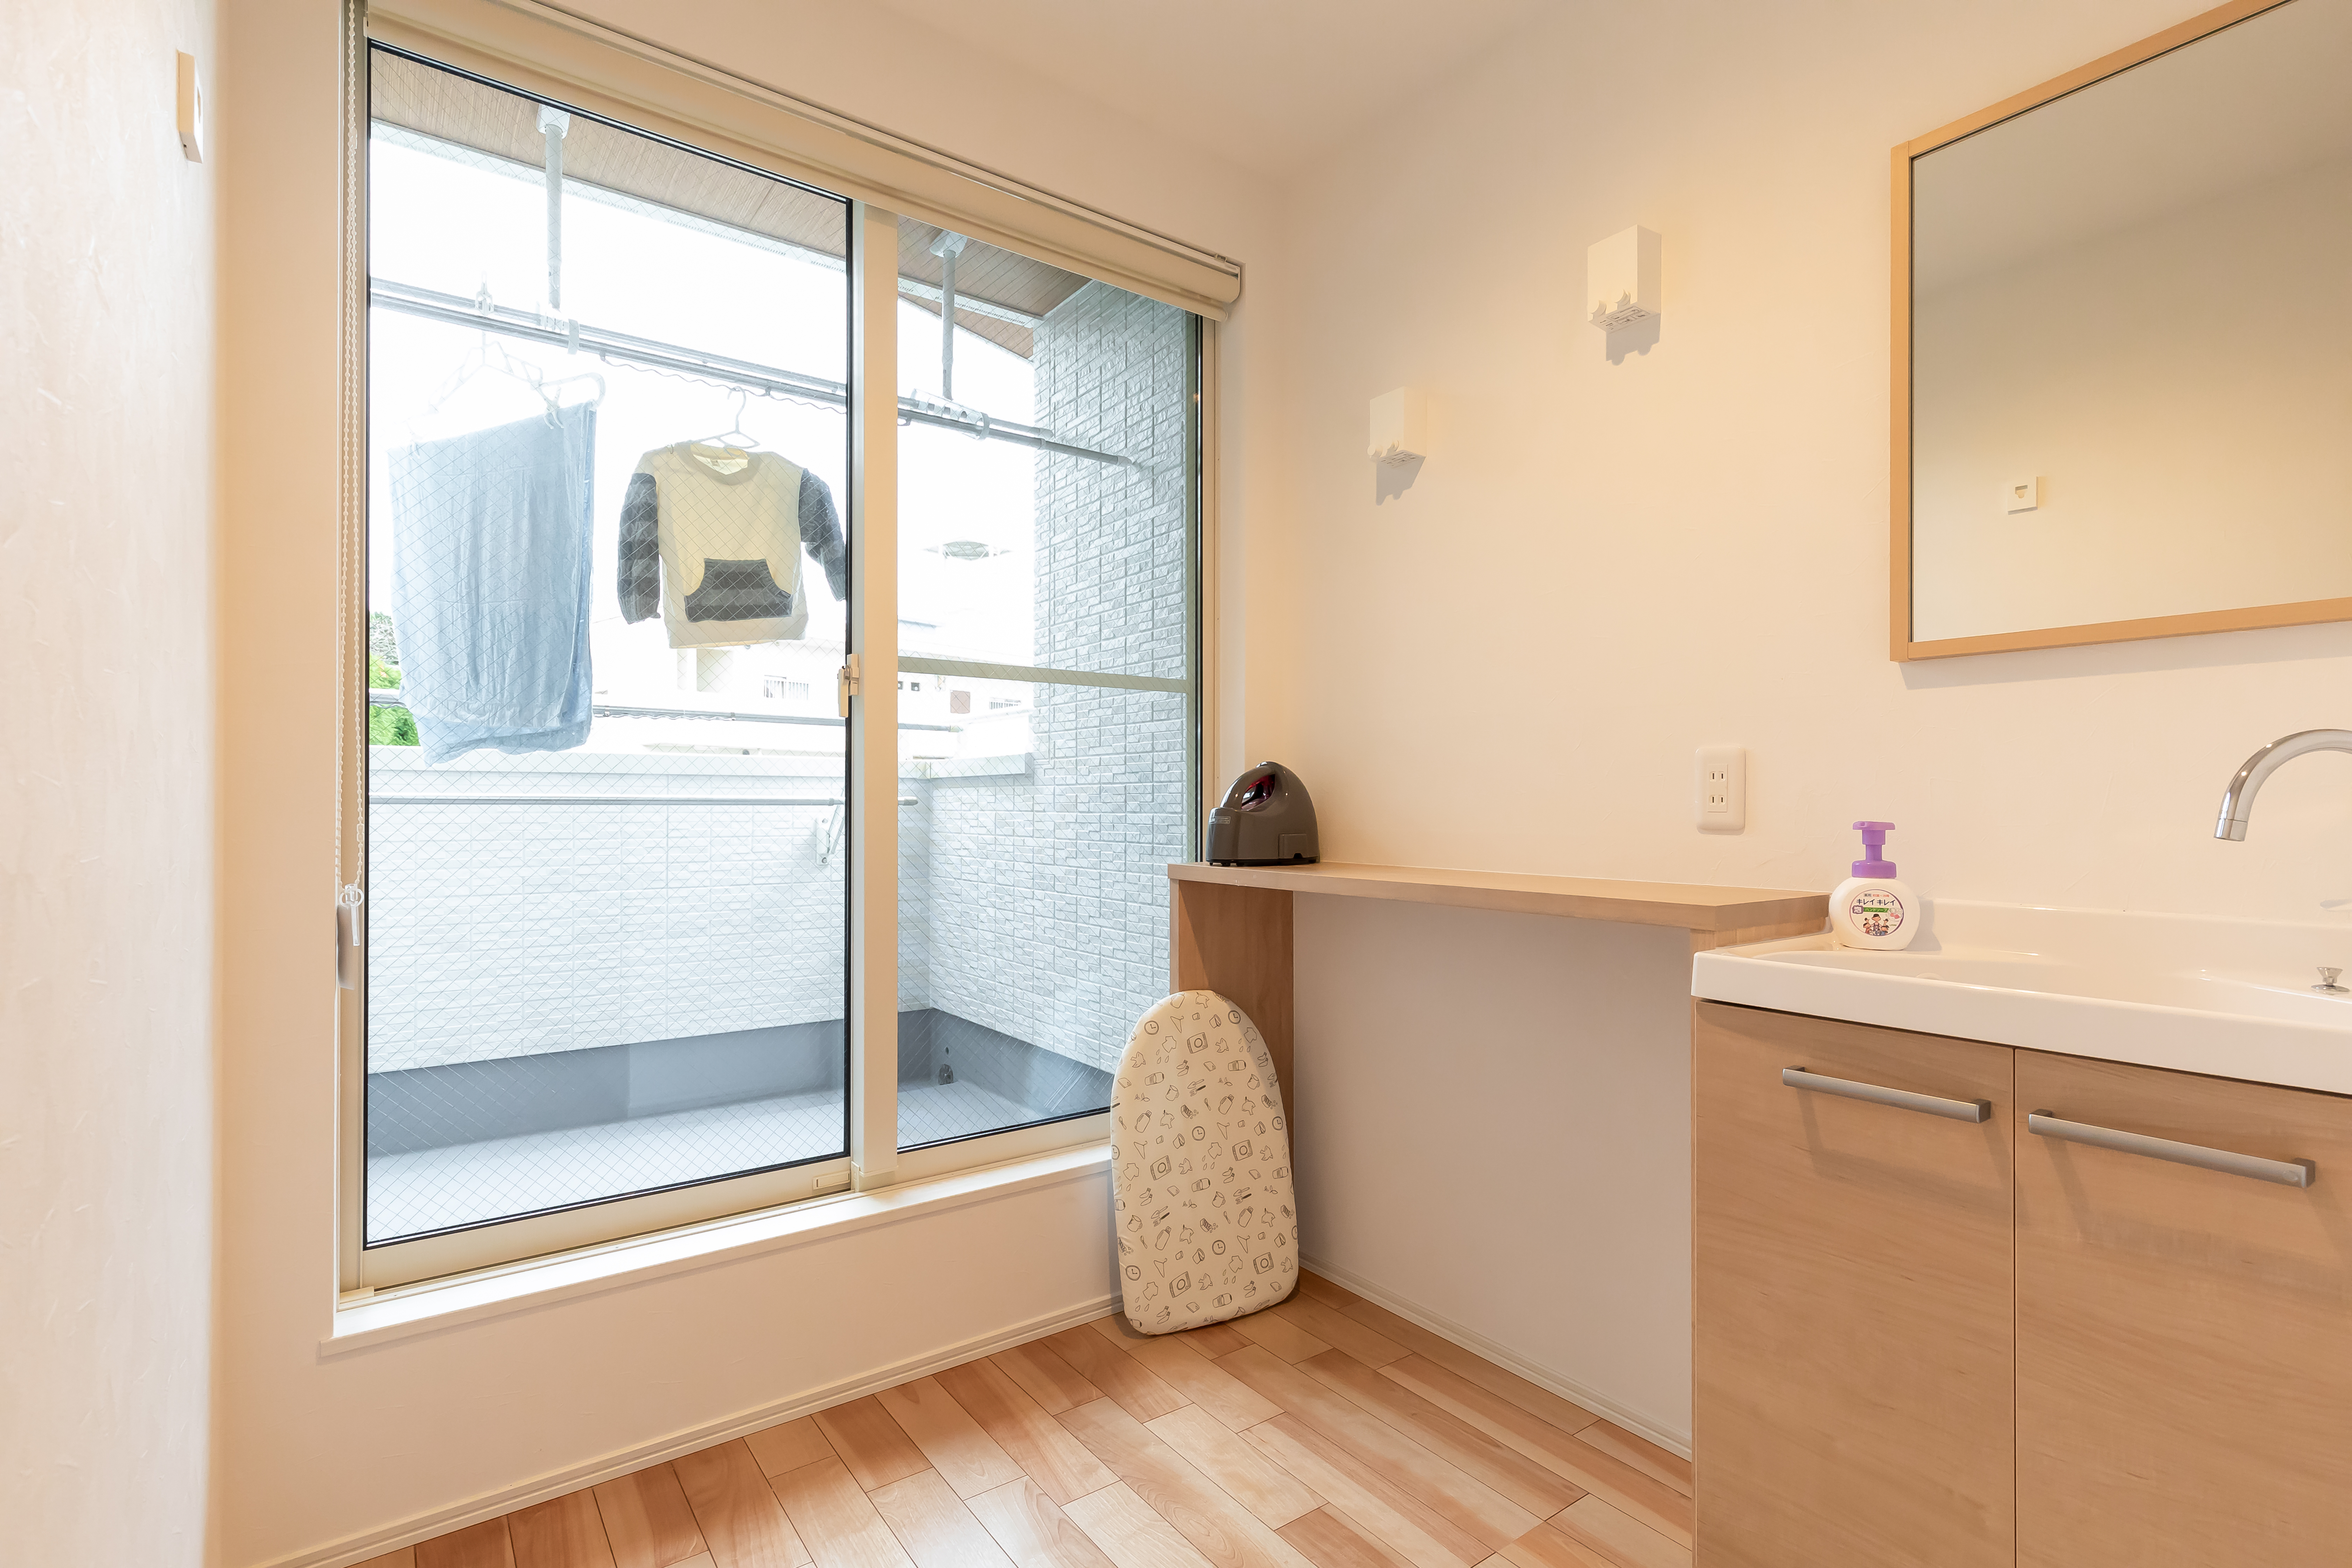 アルファホーム【デザイン住宅、収納力、間取り】天気が悪く、ベランダに洗濯物を干せない日は部屋干しスペースも活用できる